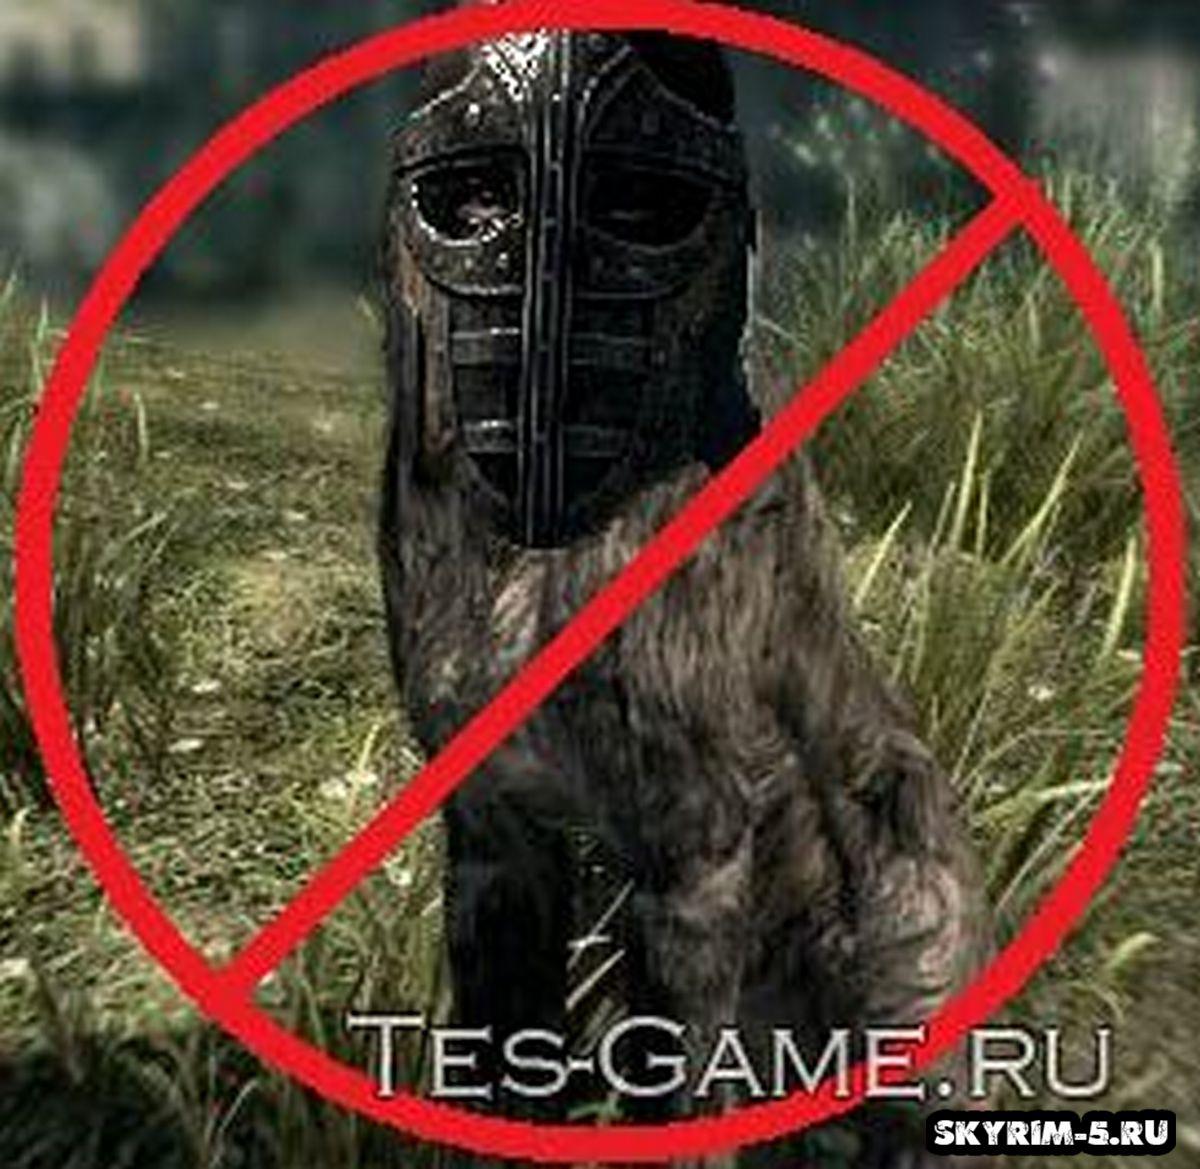 Животные не сообщают о преступленияхМоды Скайрим > Геймплей Скайрим